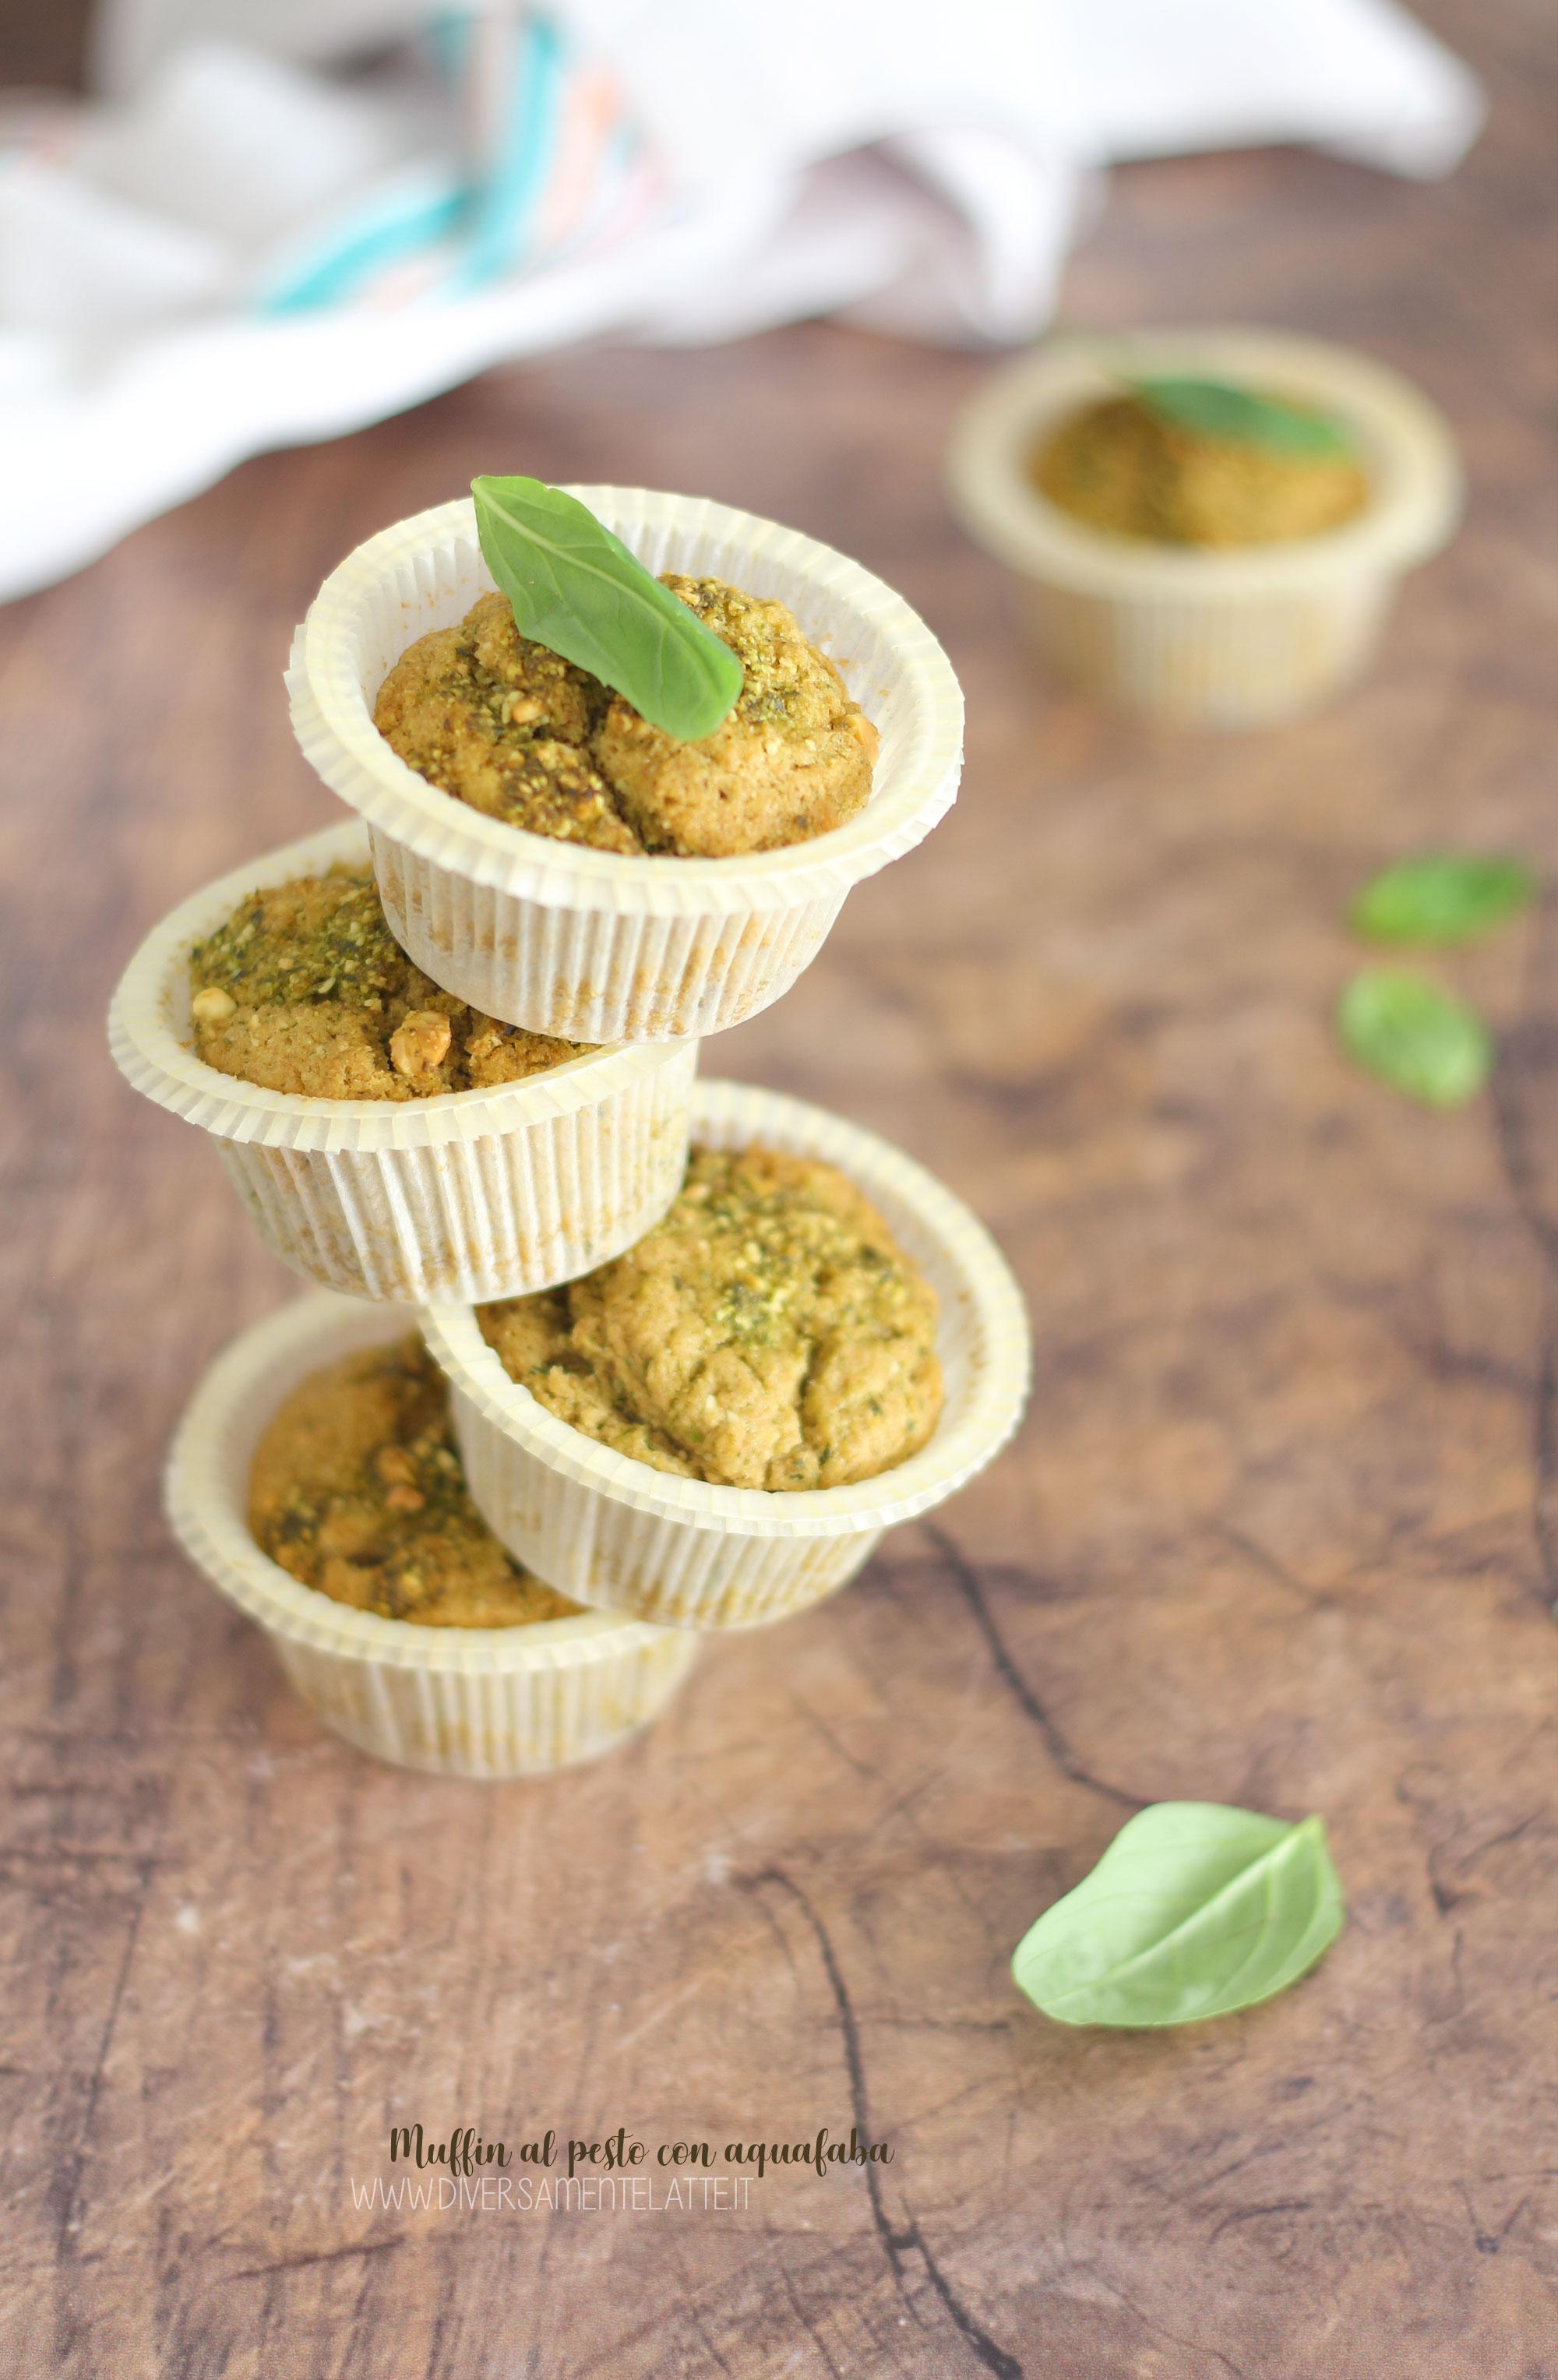 muffin al pesto con aquafaba